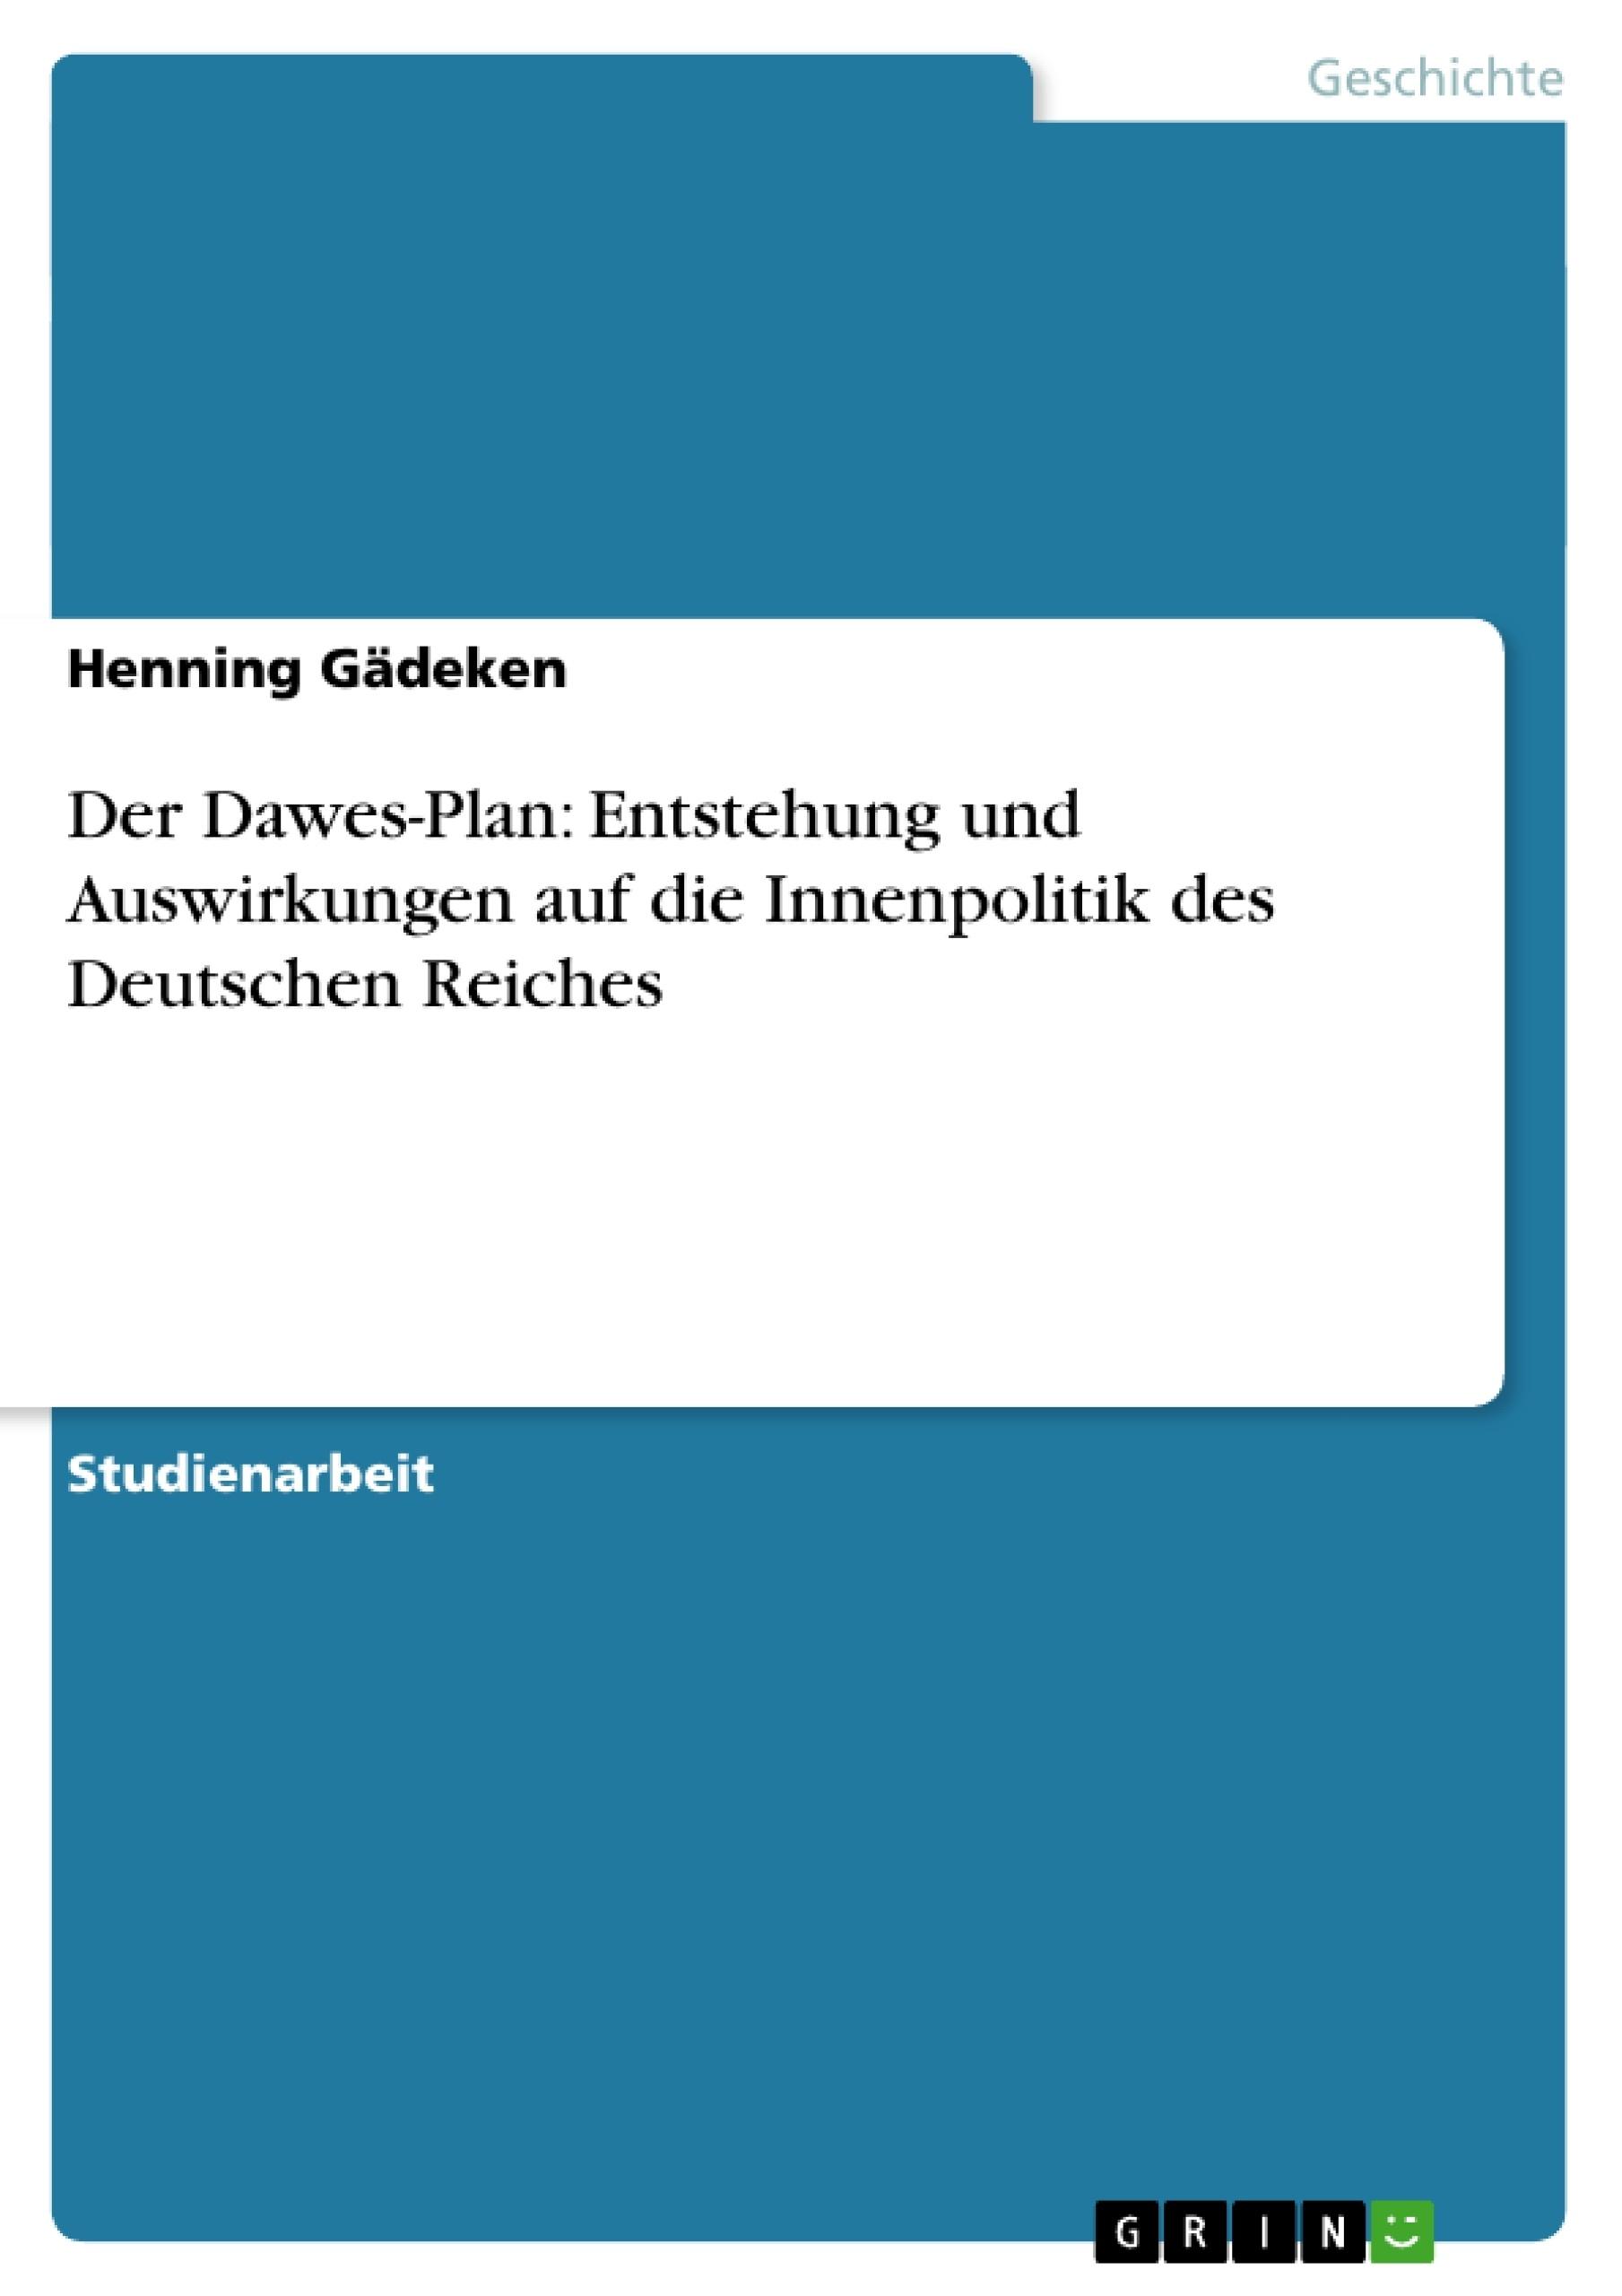 Titel: Der Dawes-Plan: Entstehung und Auswirkungen auf die Innenpolitik des Deutschen Reiches